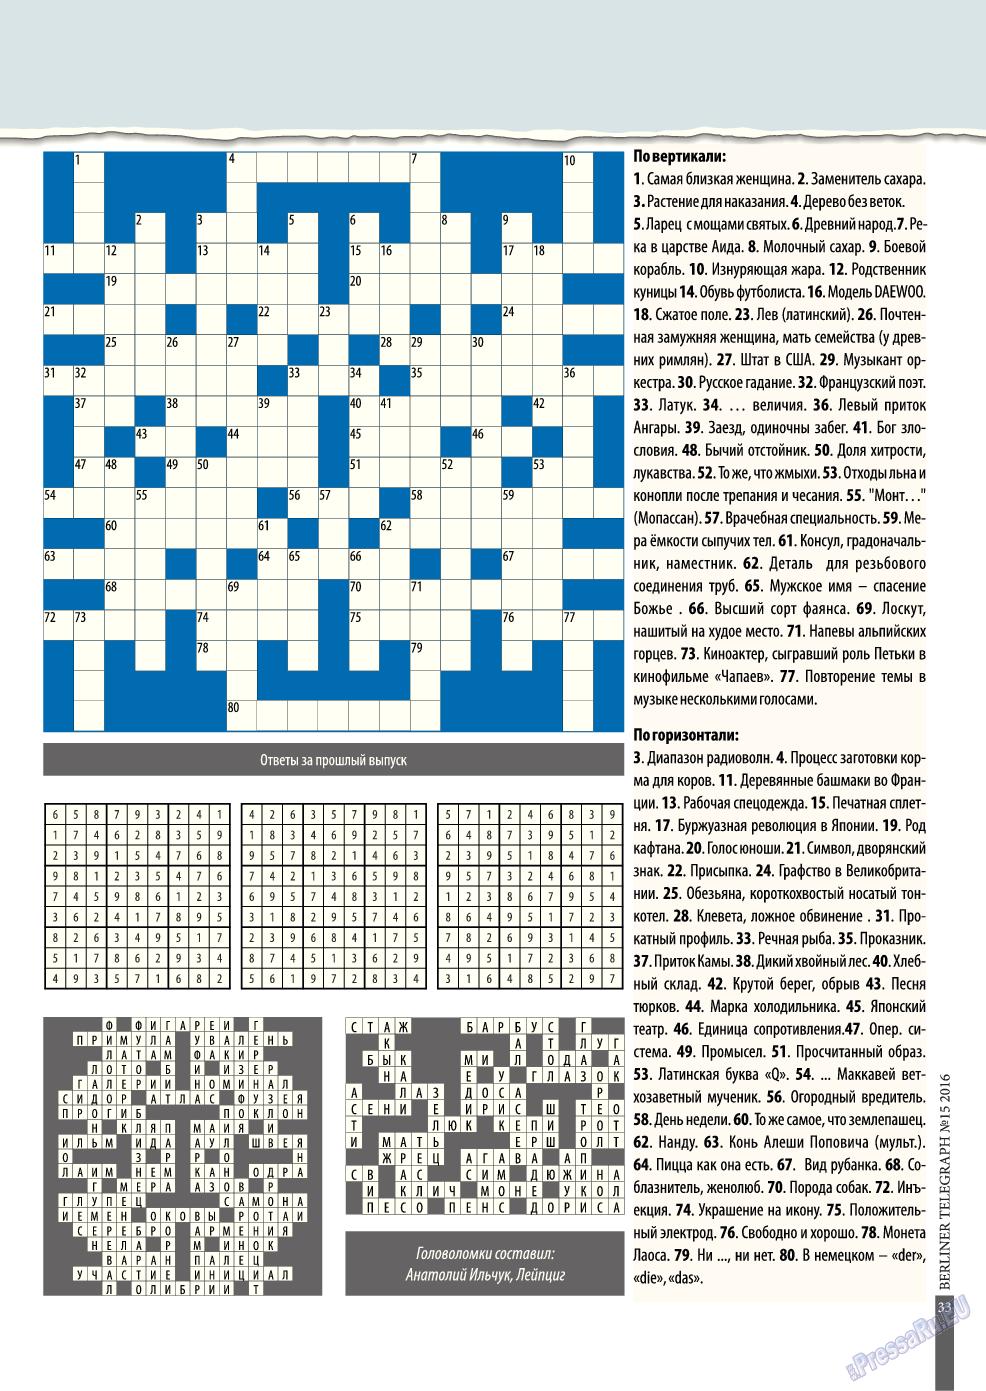 Берлинский телеграф (журнал). 2016 год, номер 15, стр. 33